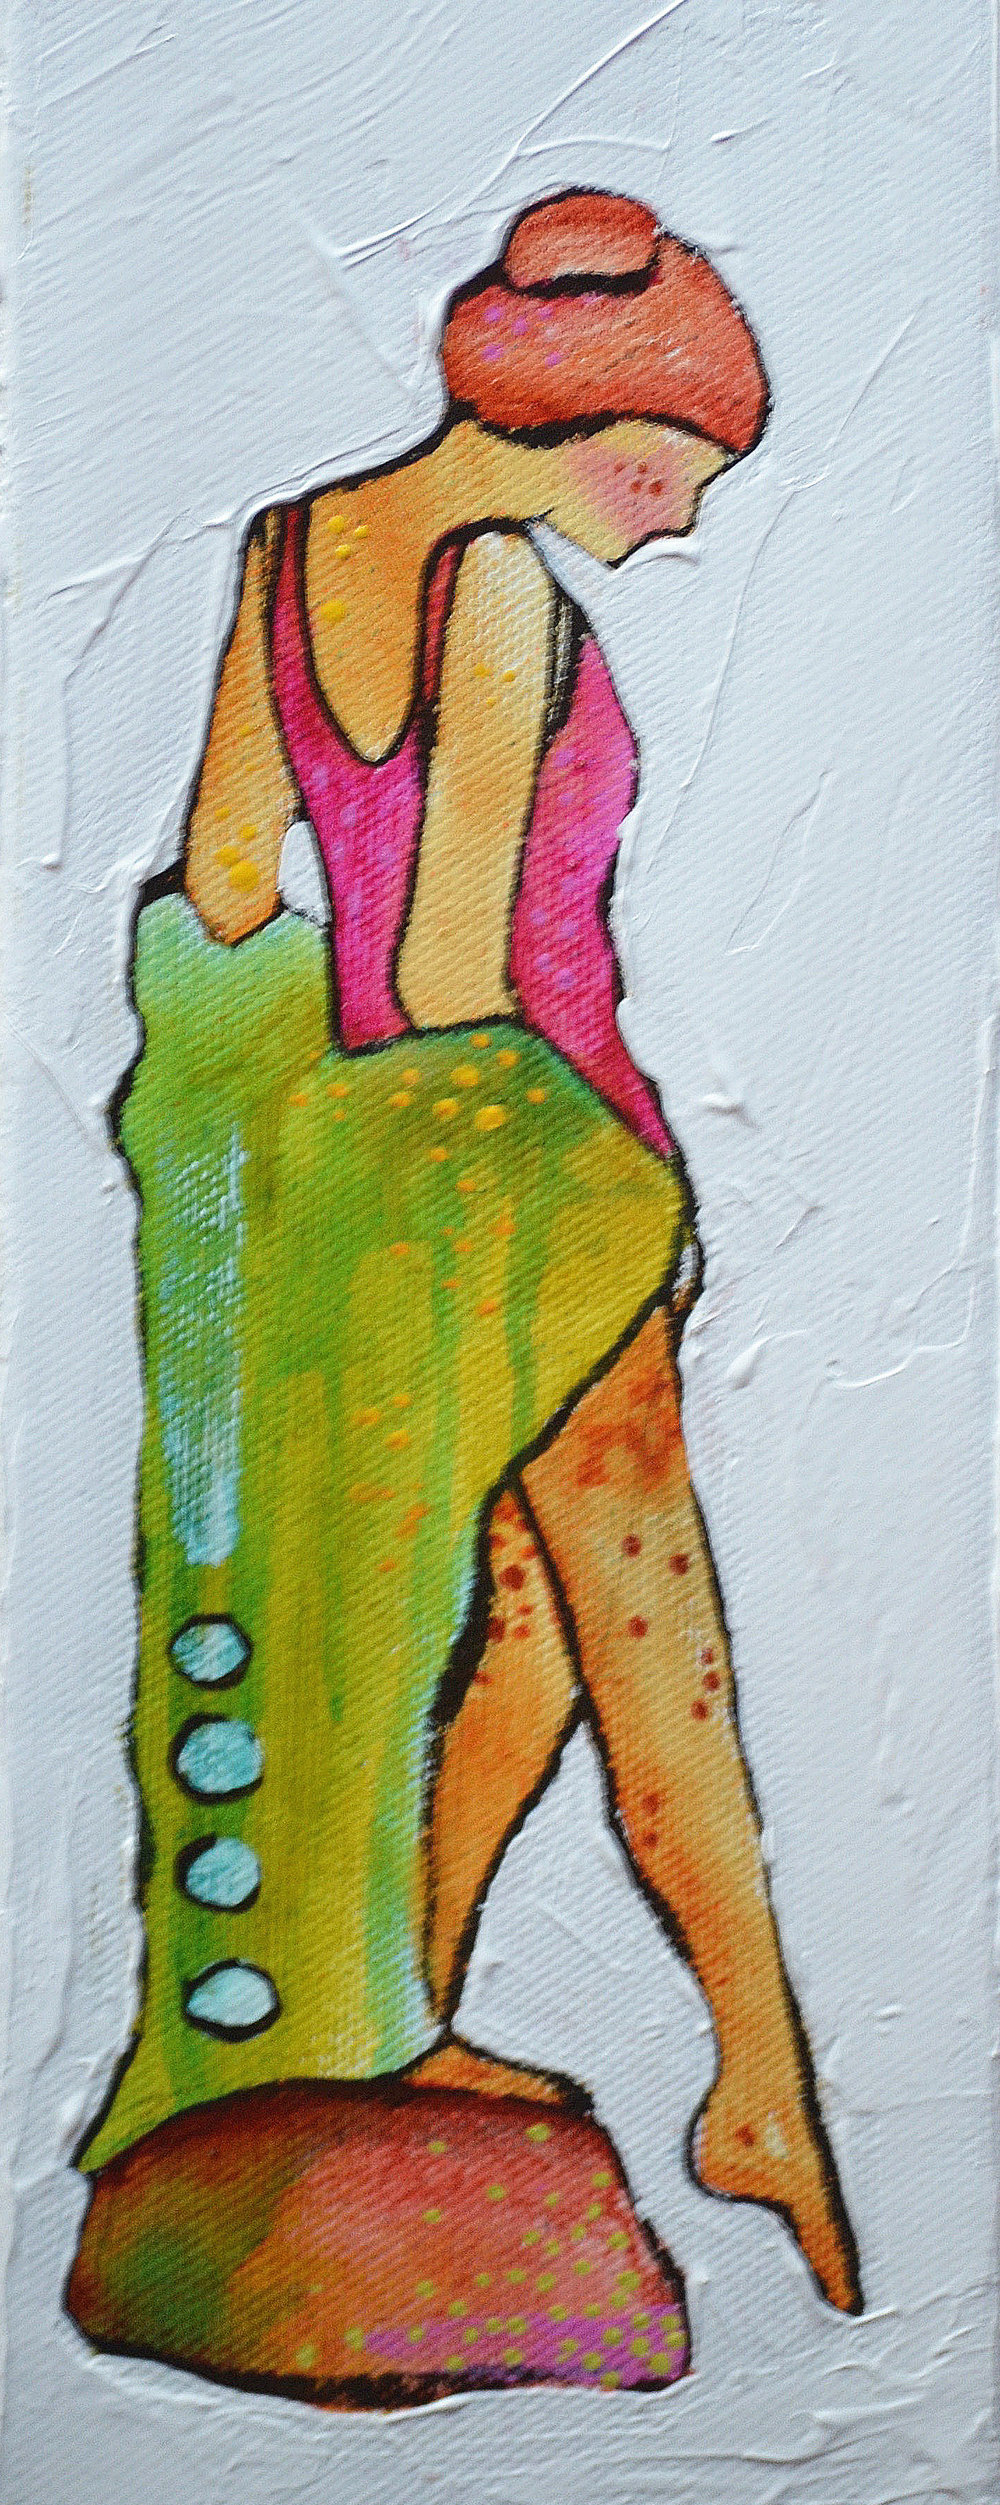 Shy   | 3 x 12 inch acrylic on canvas